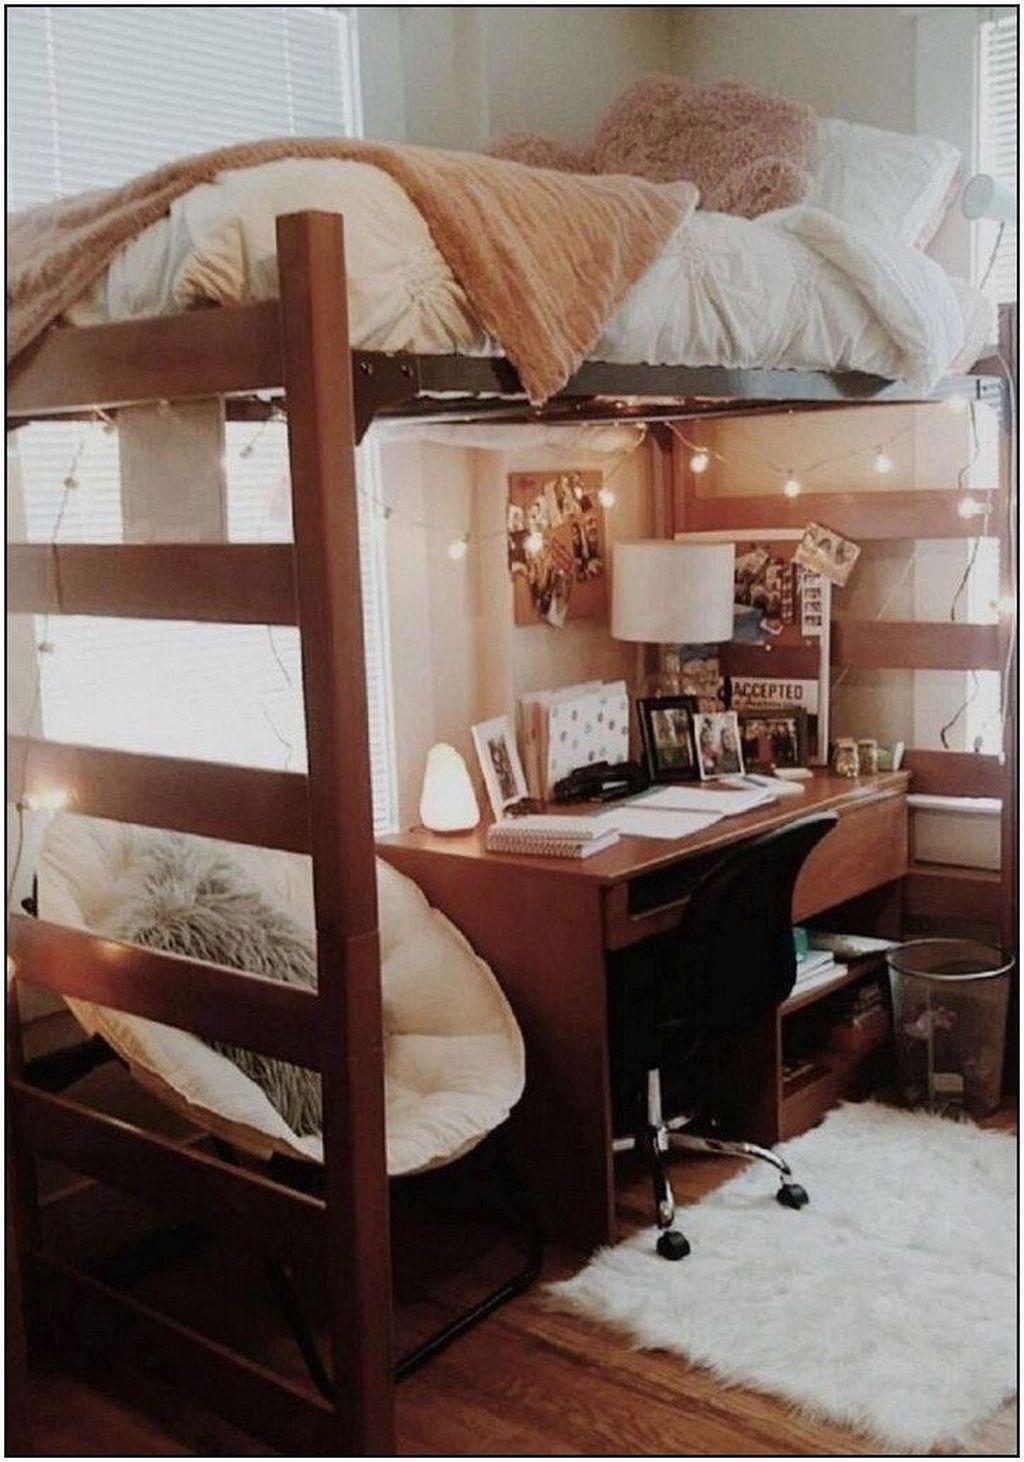 30+ Splendid Dorm Room Ideas To Tare Room Decor To The Next Level - LOVAHOMY